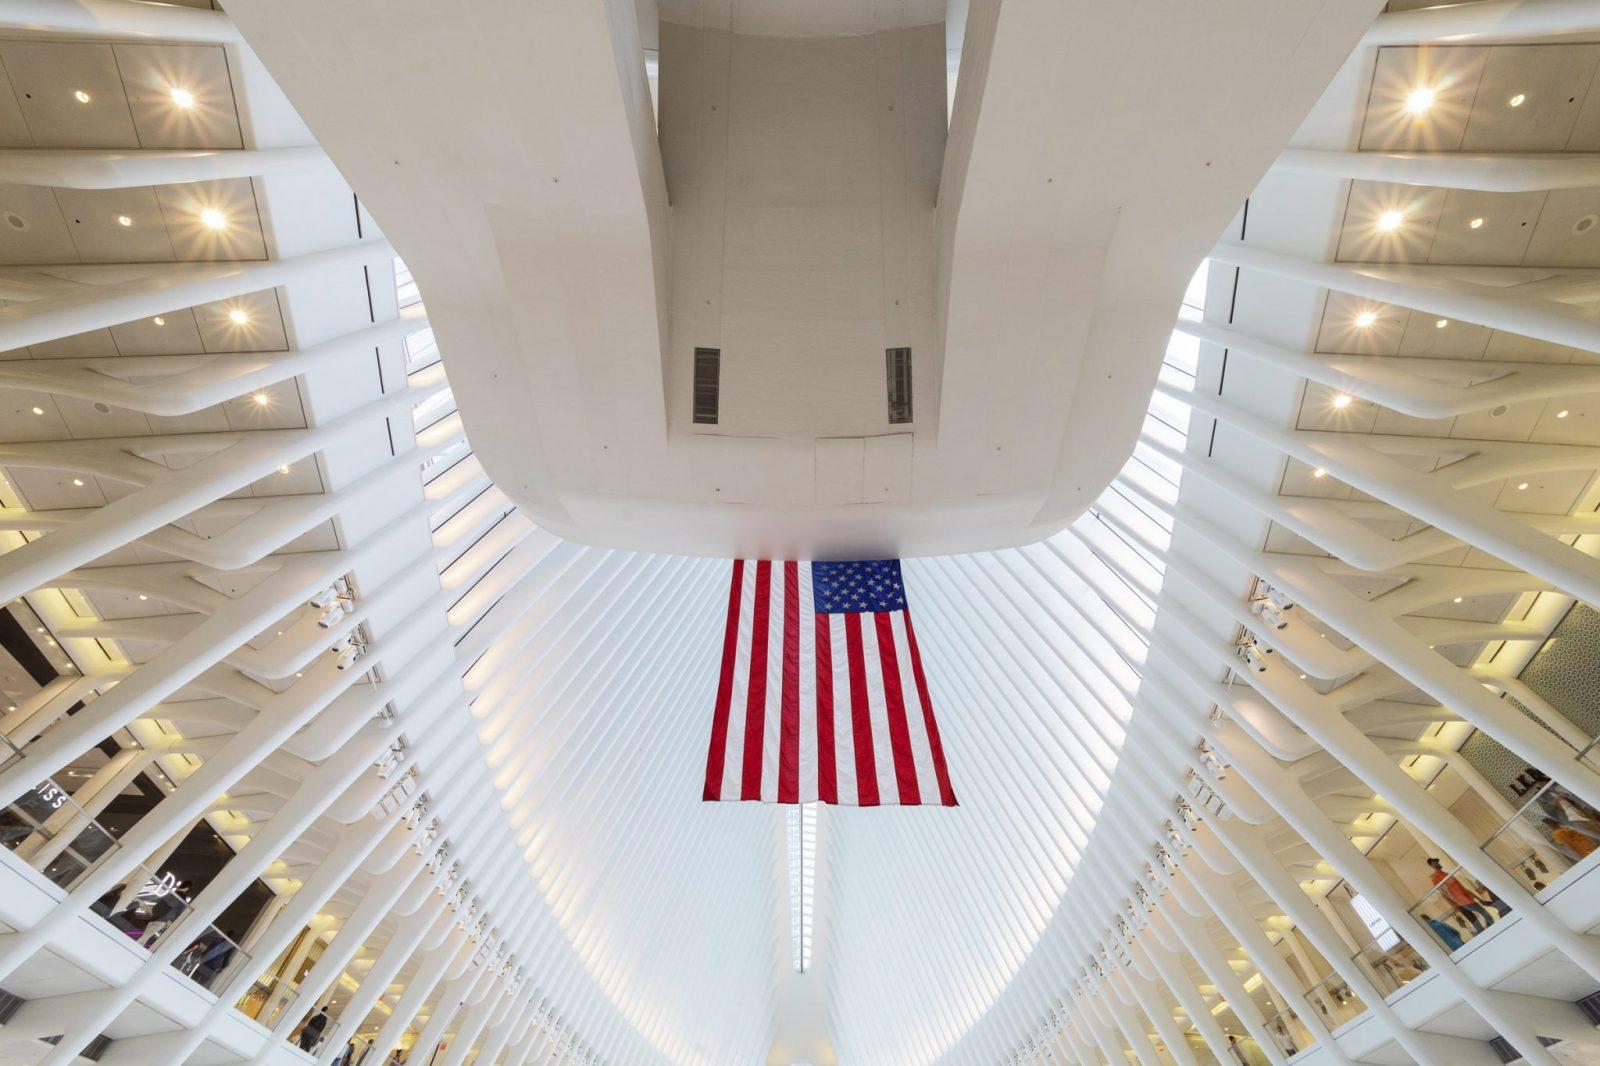 Intérieur de la gare du World Trade Center à New York et drapeau américain. Photographie d'architecture réalisée par le photographe Pierre-Louis Ferrer, spécialiste en photographie dans l'ultraviolet et l'infrarouge.